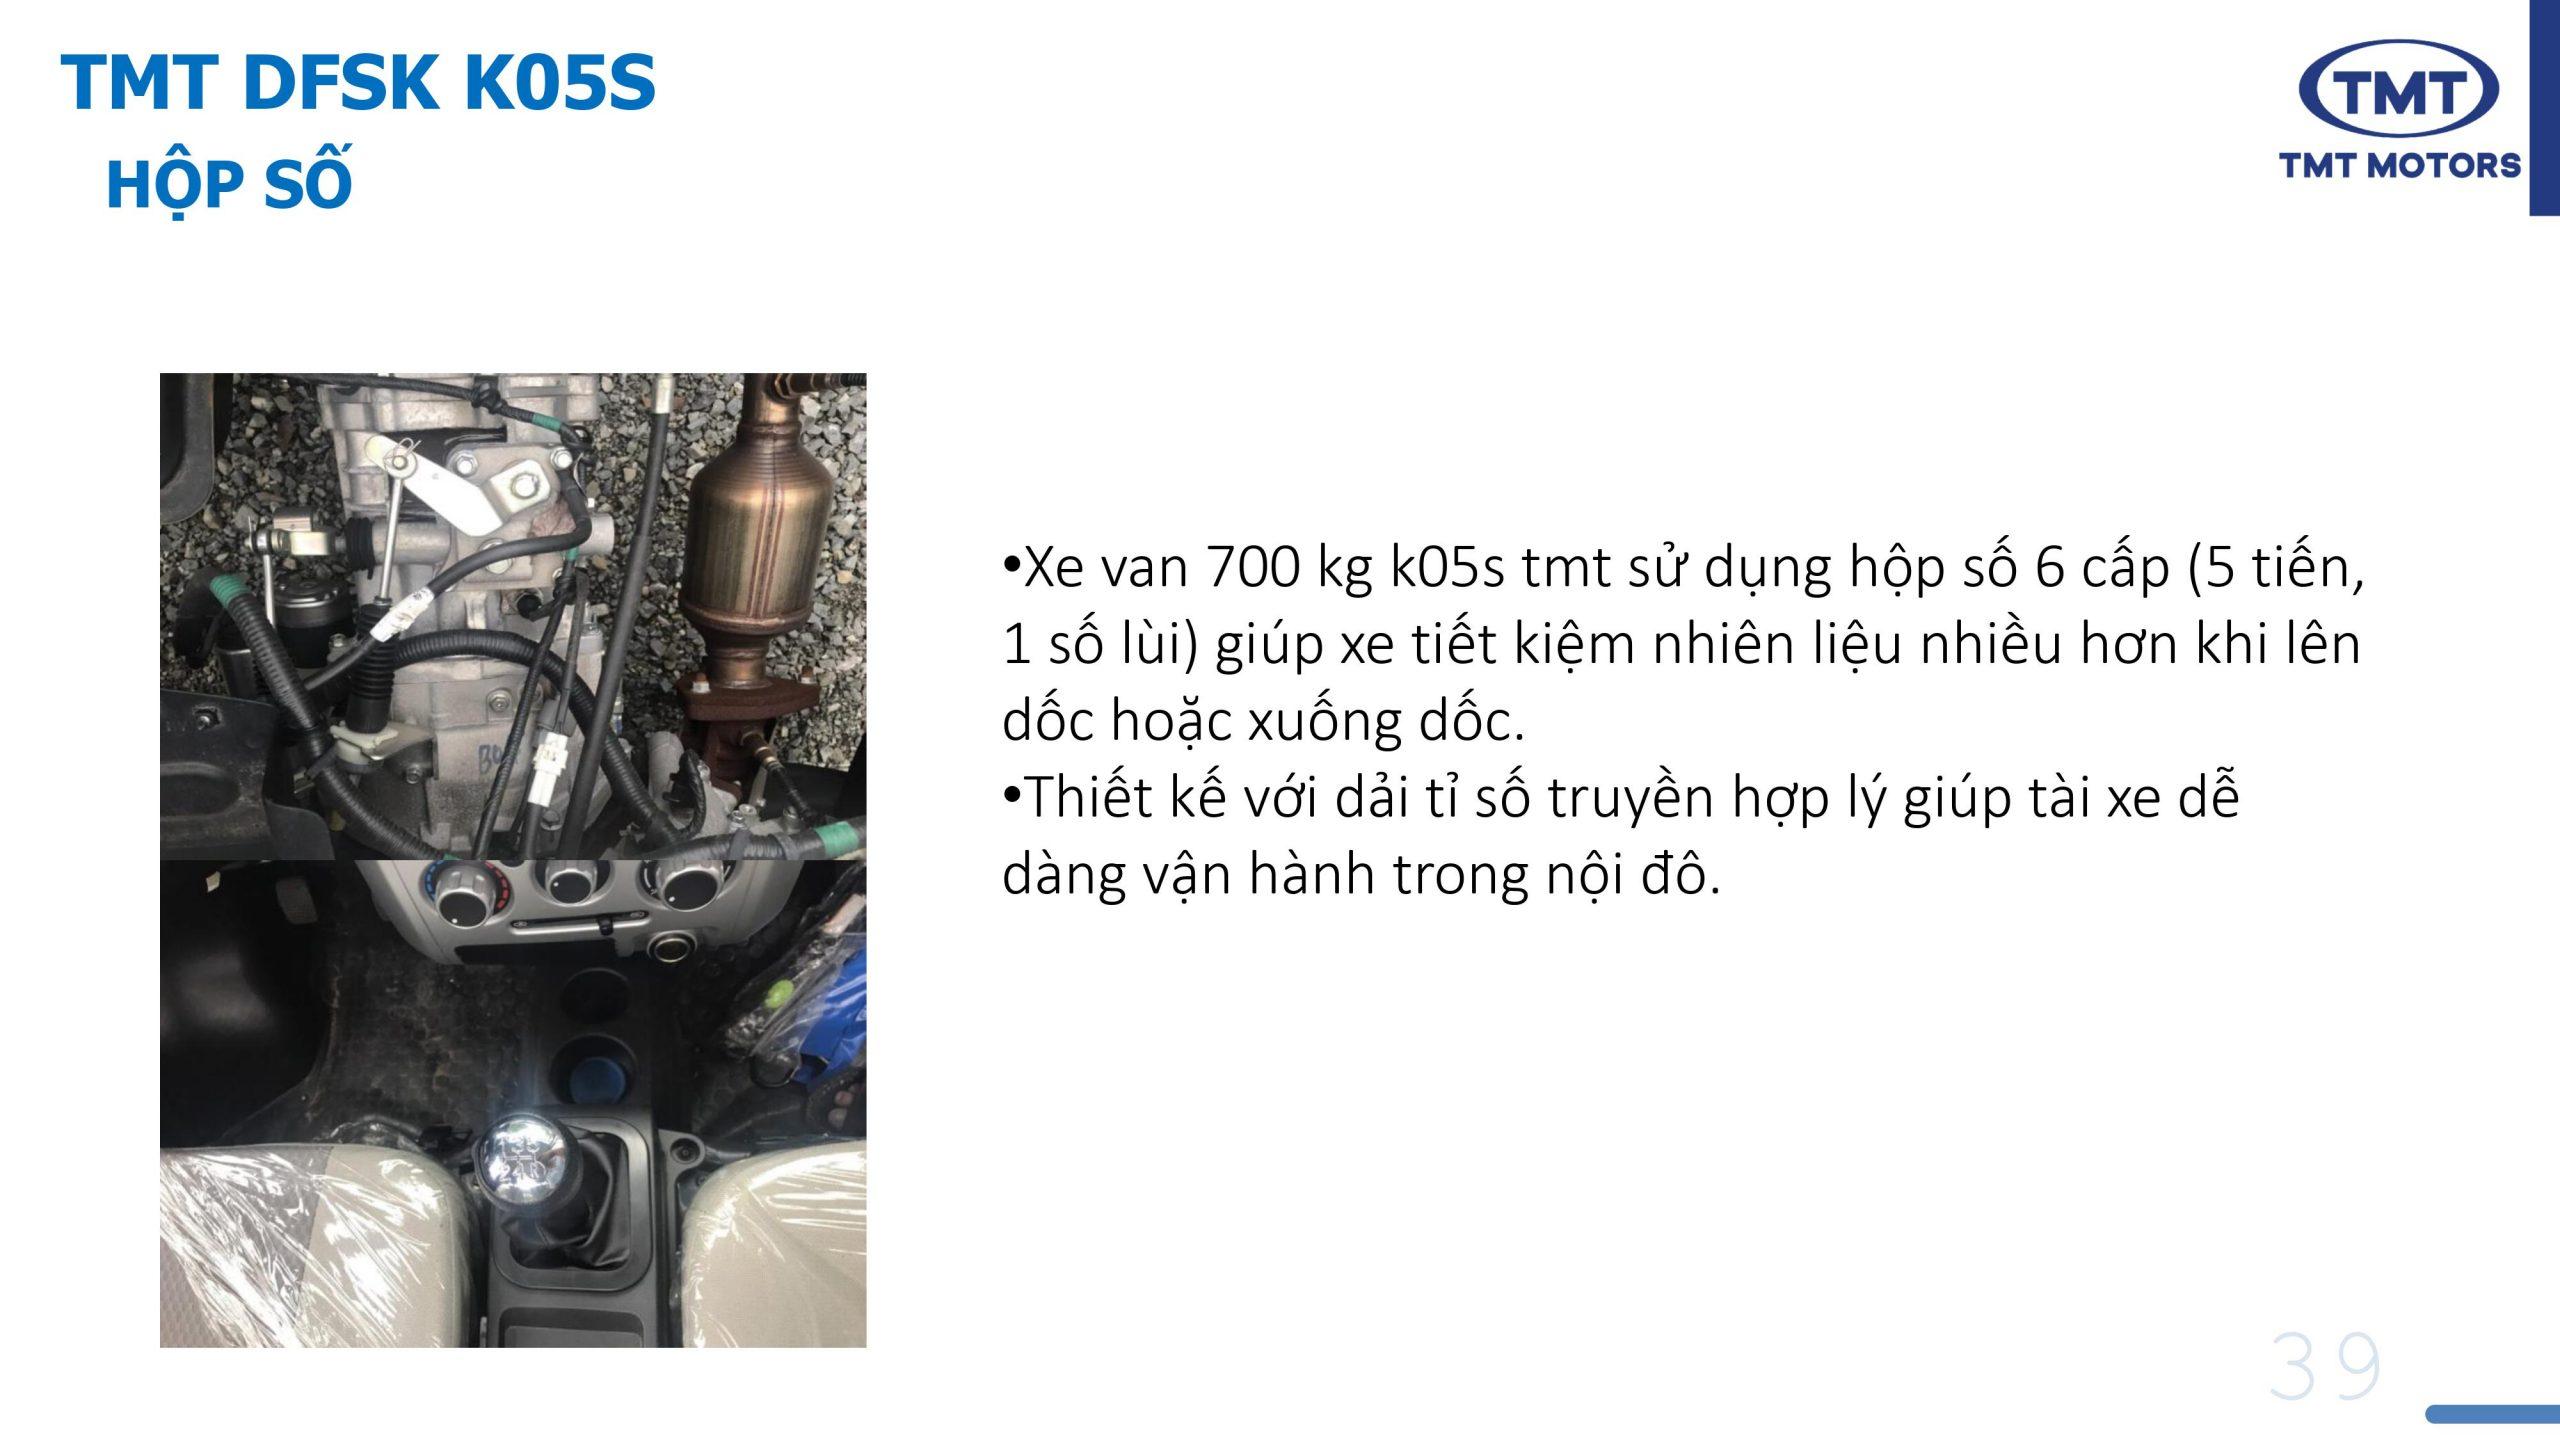 •Xe van 700 kg k05s tmt sử dụng hộp số 6 cấp (5 tiến, 1 số lùi) giúp xe tiết kiệm nhiên liệu nhiều hơn khi lên dốc hoặc xuống dốc. •Thiết kế với dải tỉ số truyền hợp lý giúp tài xe dễ dàng vận hành trong nội đô.